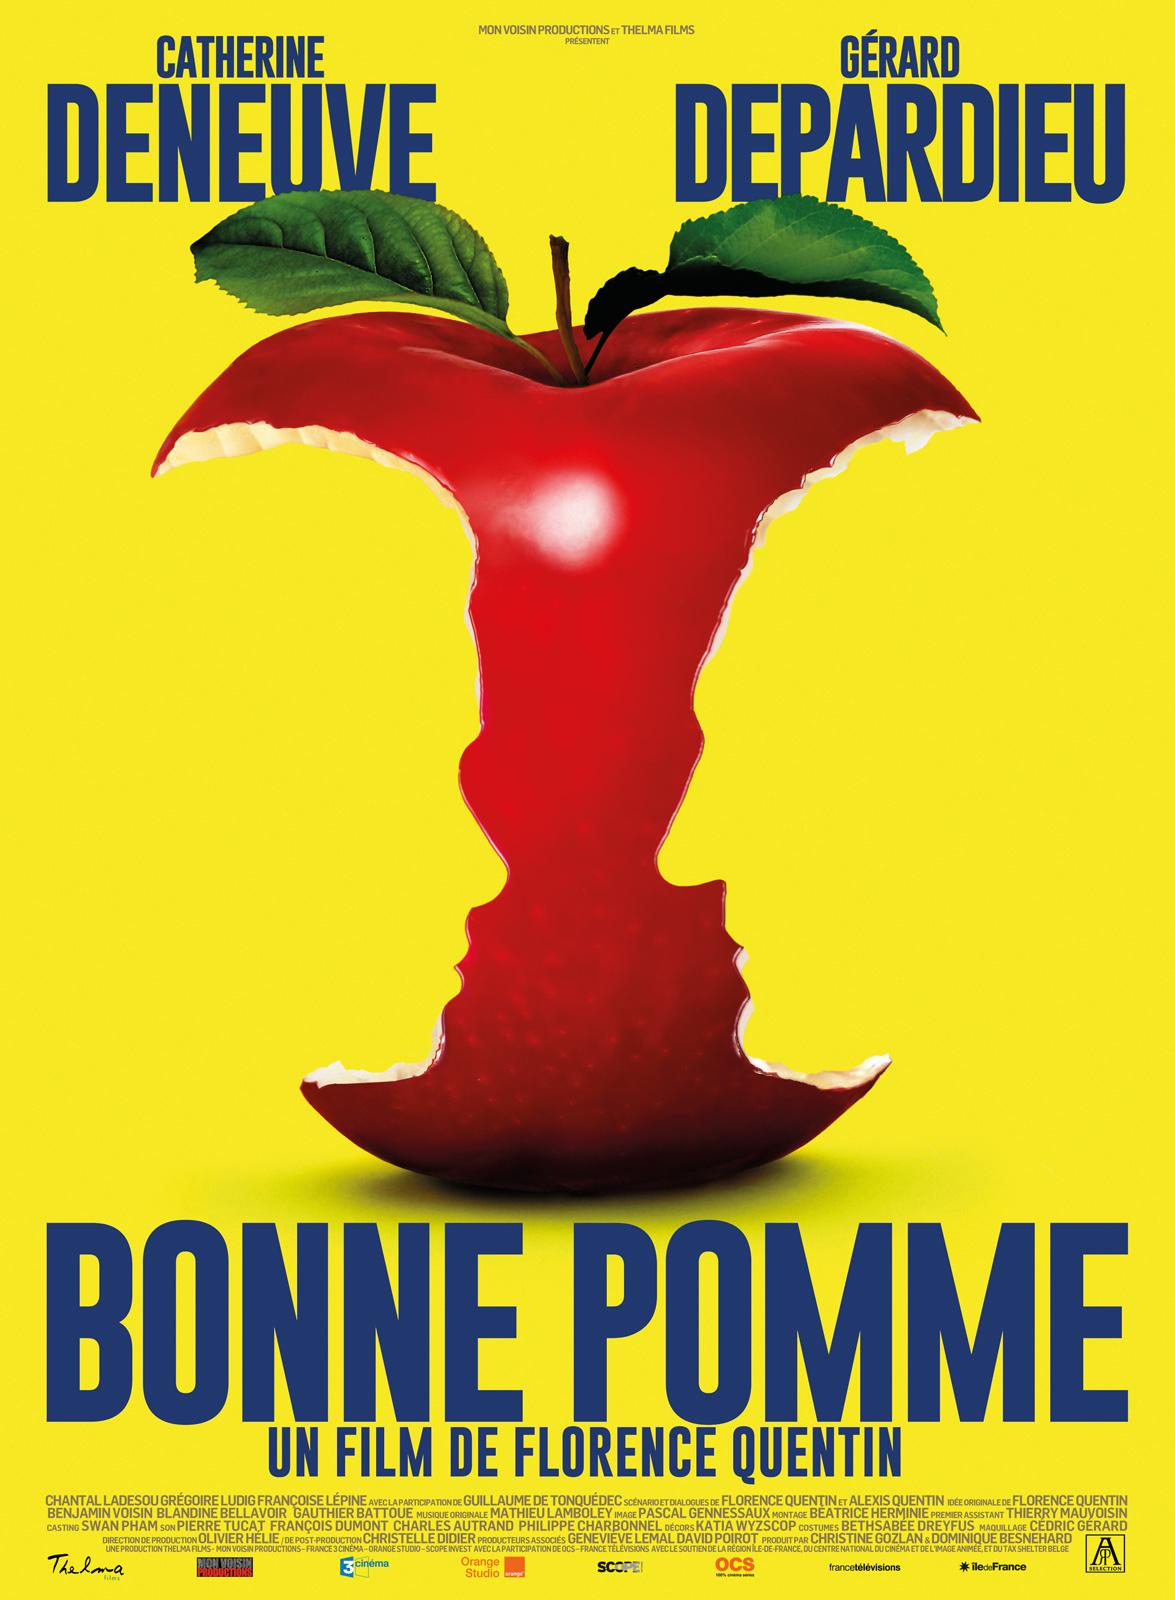 AfficheBonne pomme